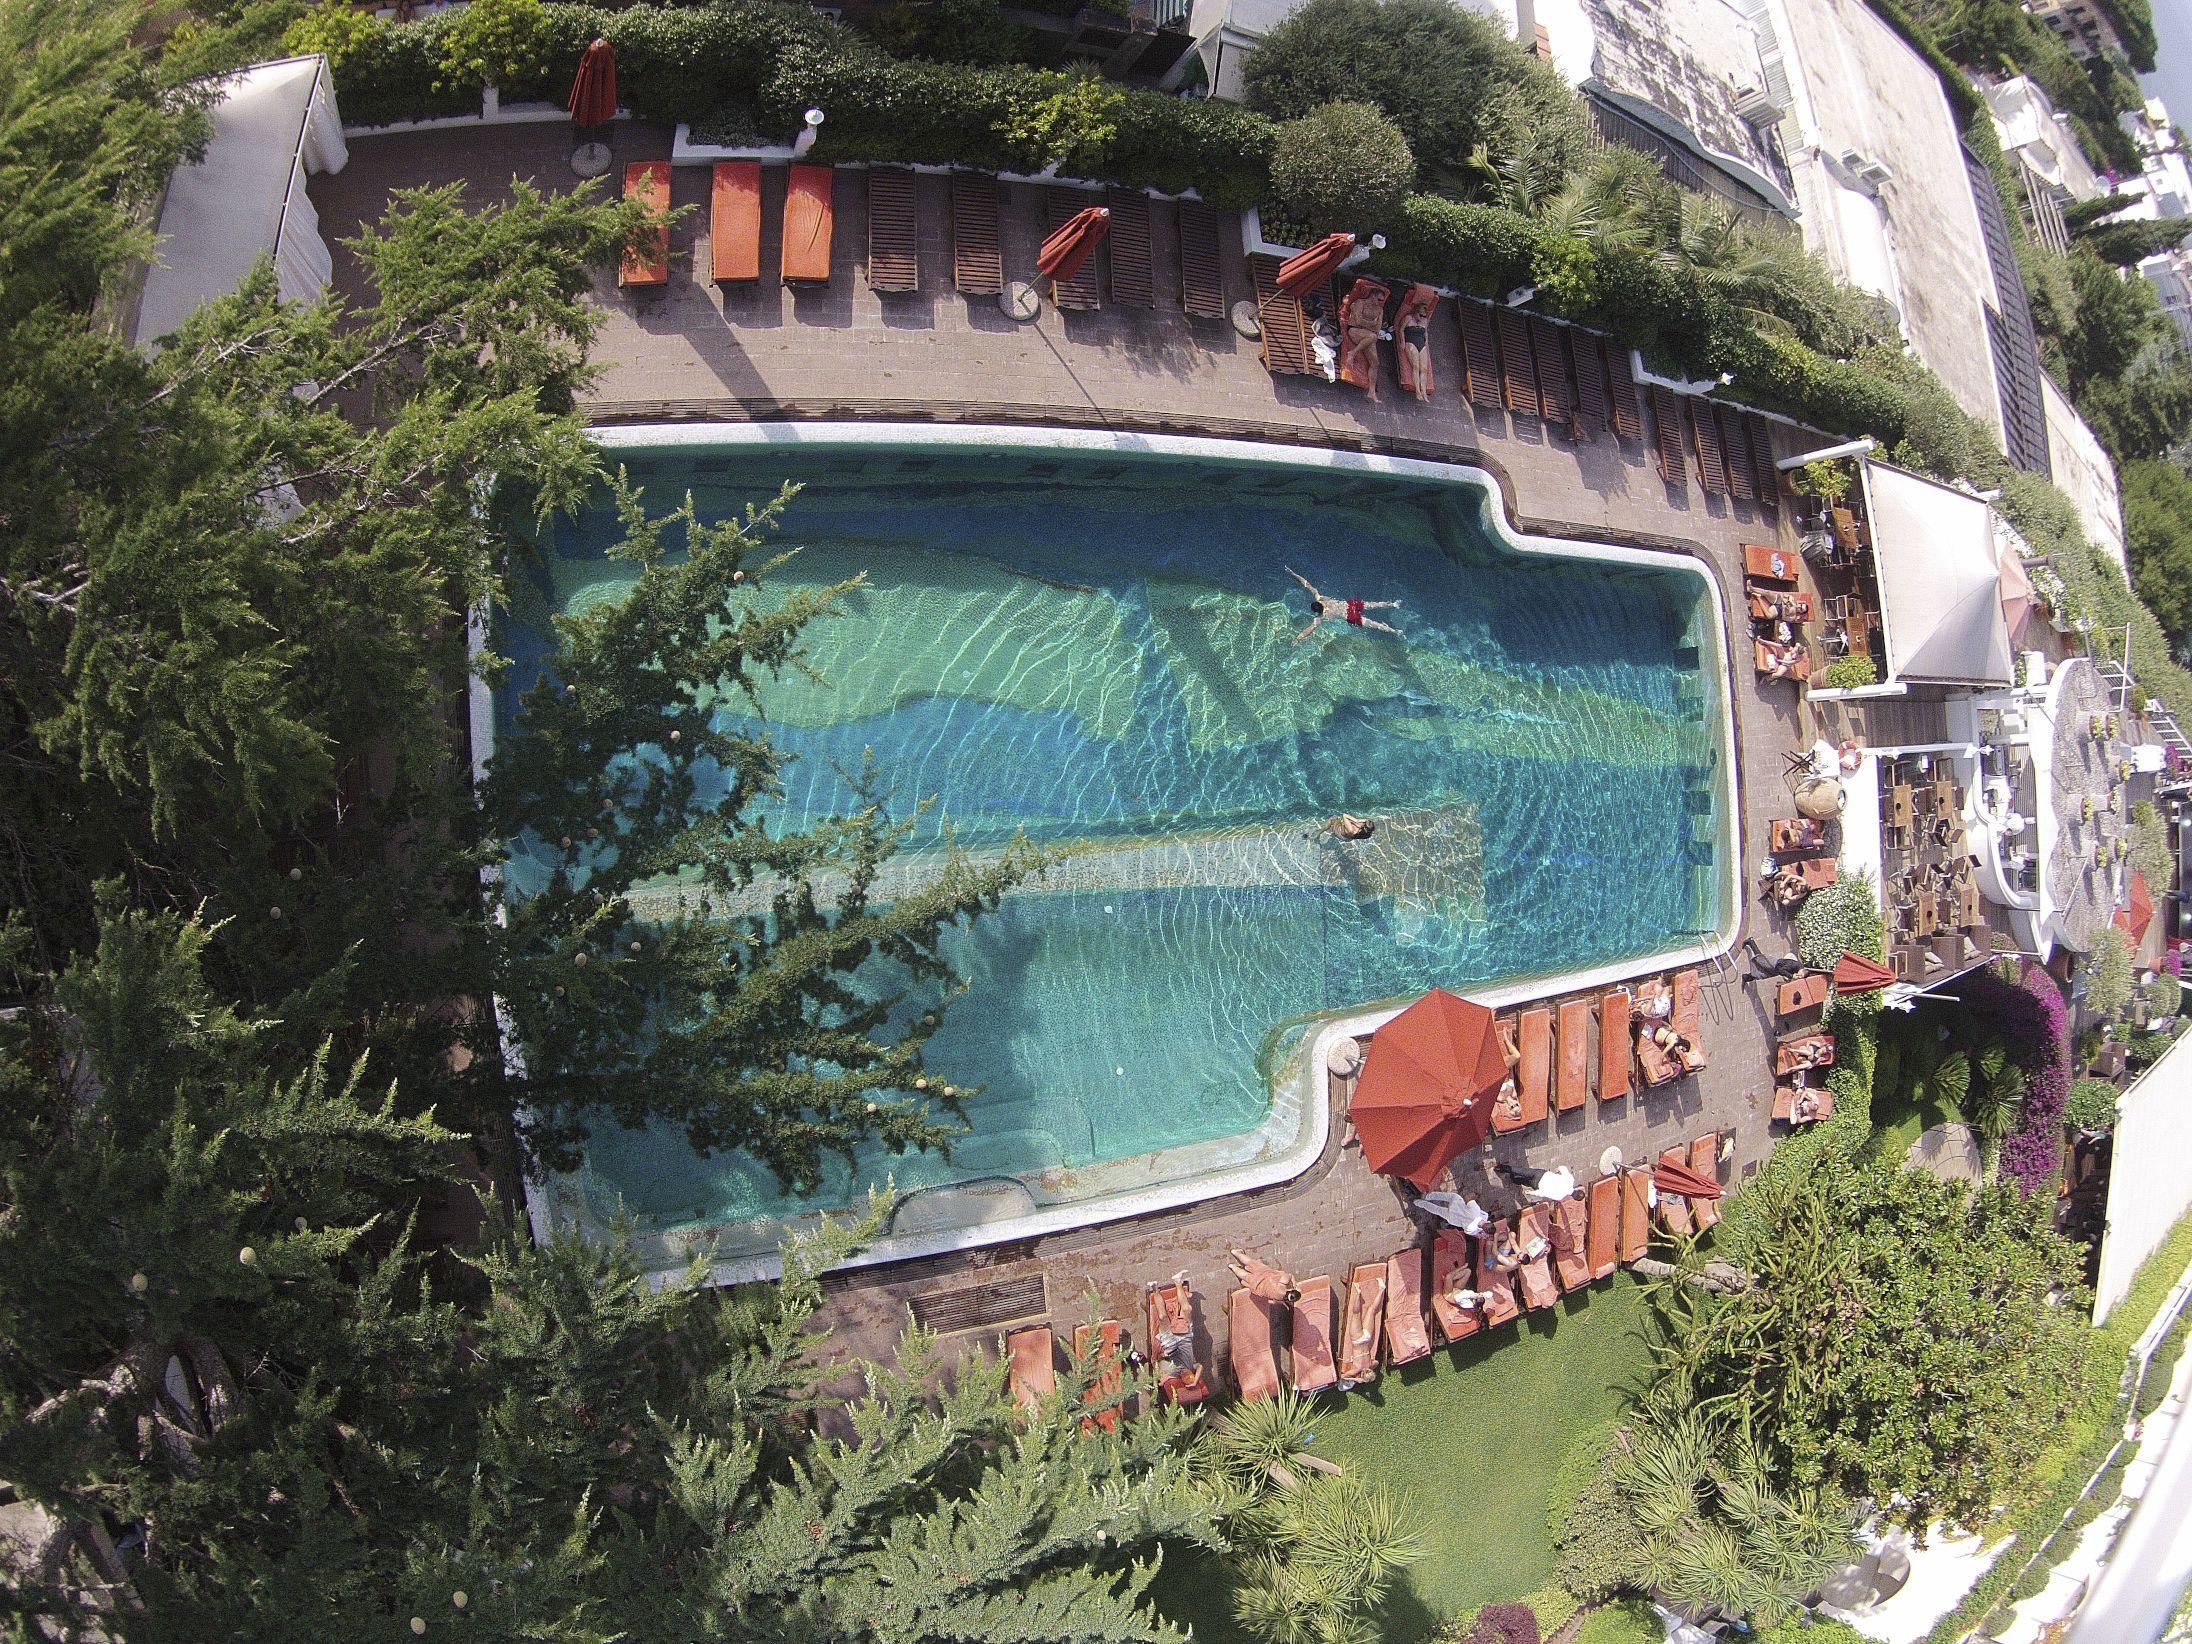 Capri Palace Anacapri Italy main pool at capri palace hotel & spa, anacapri, italy (con